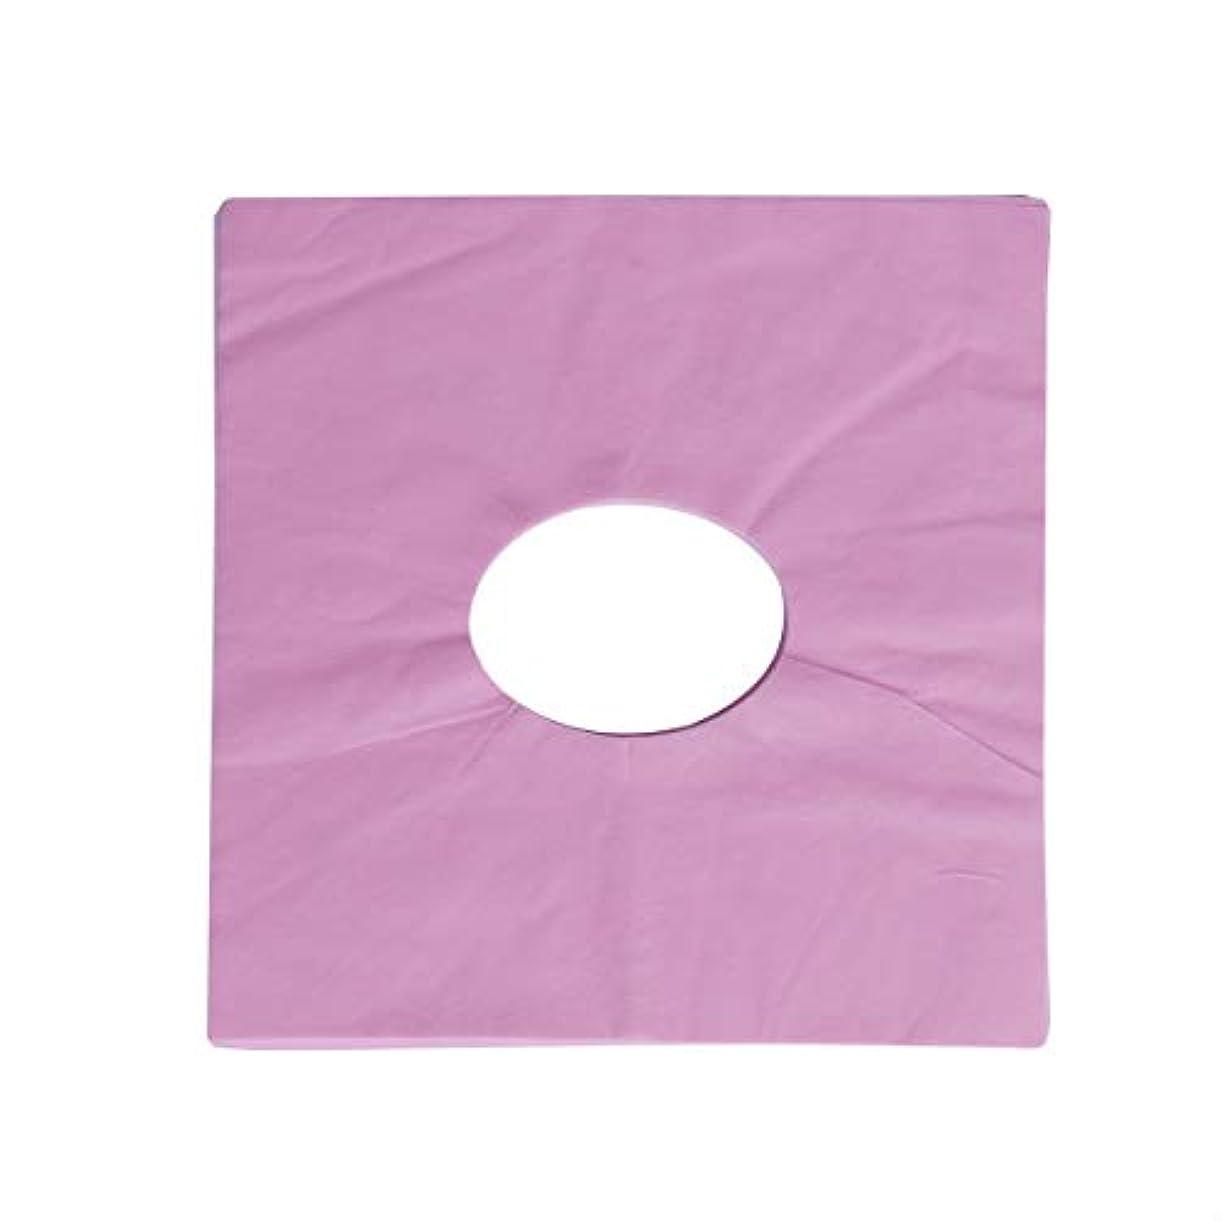 Healifty 100ピース使い捨てマッサージフェイスクレードルカバーフェイスマッサージヘッドレストカバースパ用美容院マッサージ(ピンク)